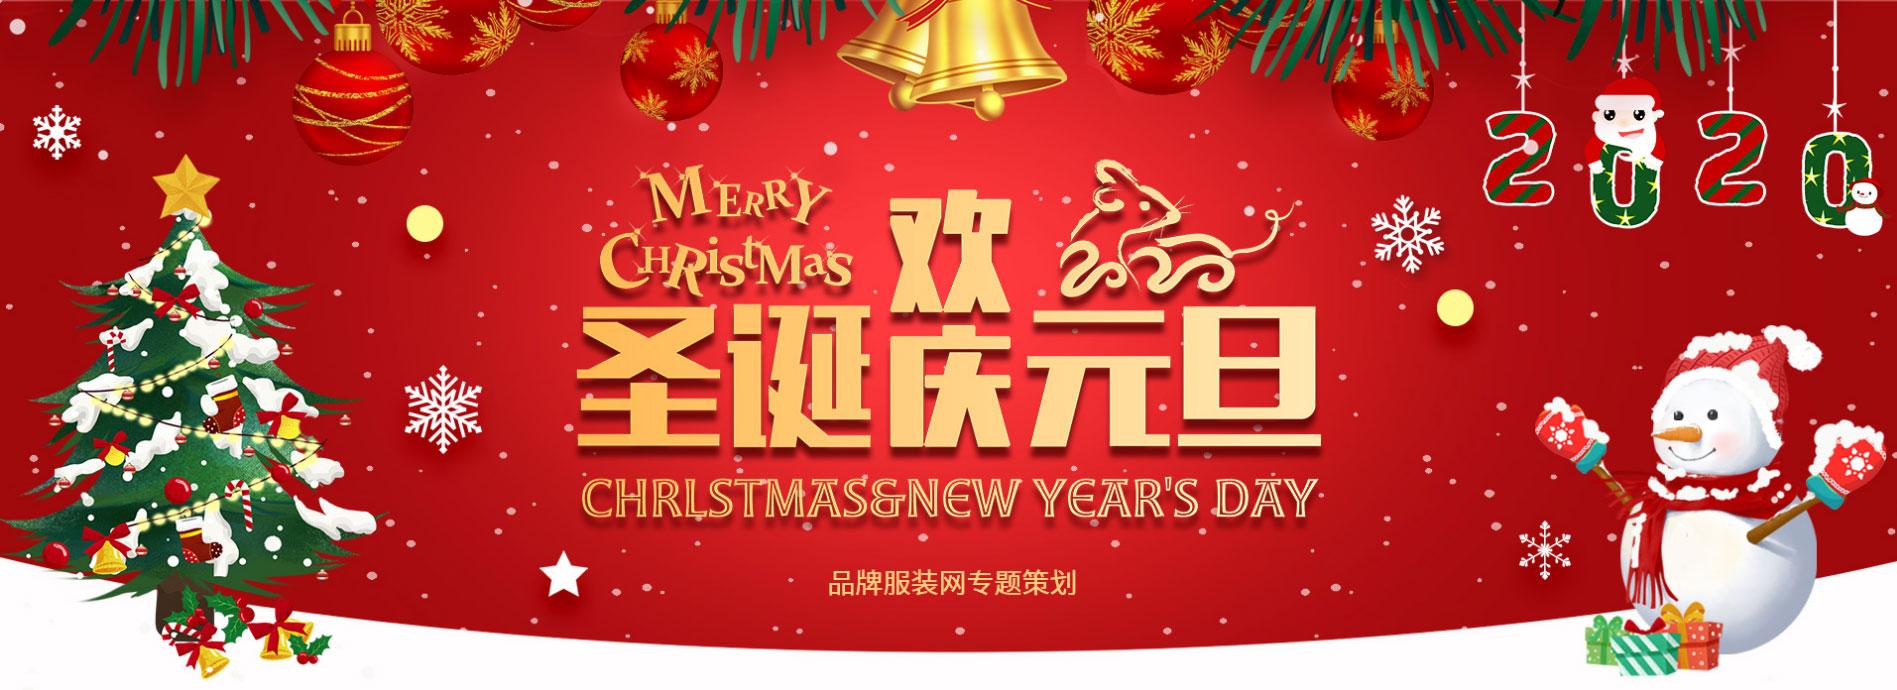 圣诞元旦双节同庆 开启你的2020潮流新风尚